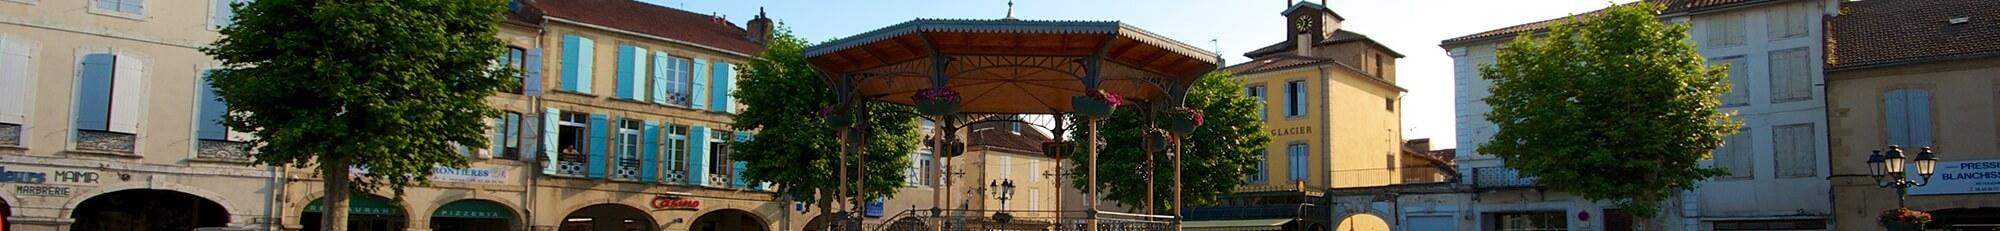 Création de site internet à Mirande dans le Gers